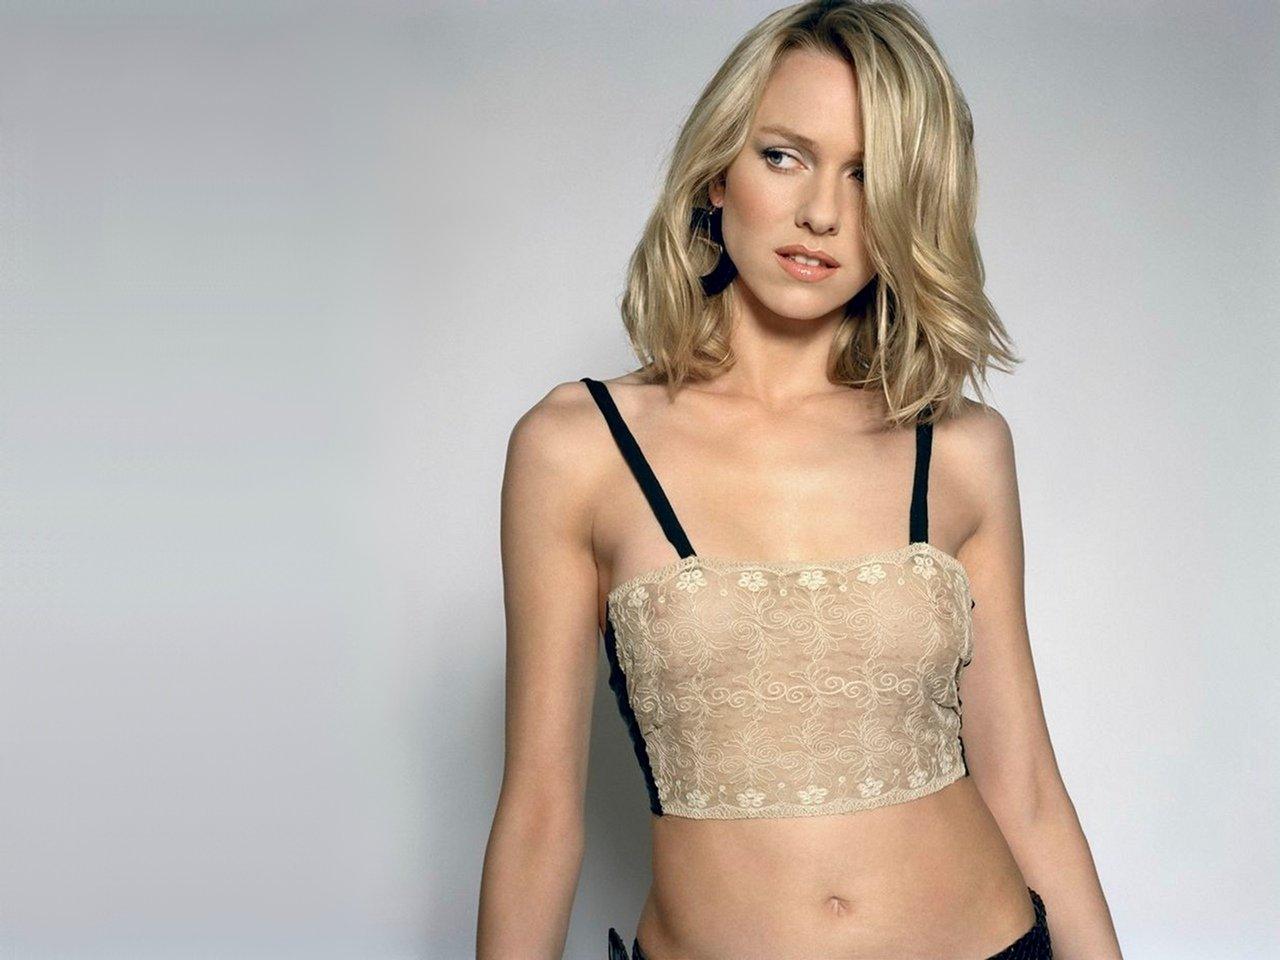 http://1.bp.blogspot.com/-CCMXT-OfHfQ/TyEAXWF6KsI/AAAAAAAAAsw/y4KMV6HLN00/s1600/Naomi-Watts-004.jpg